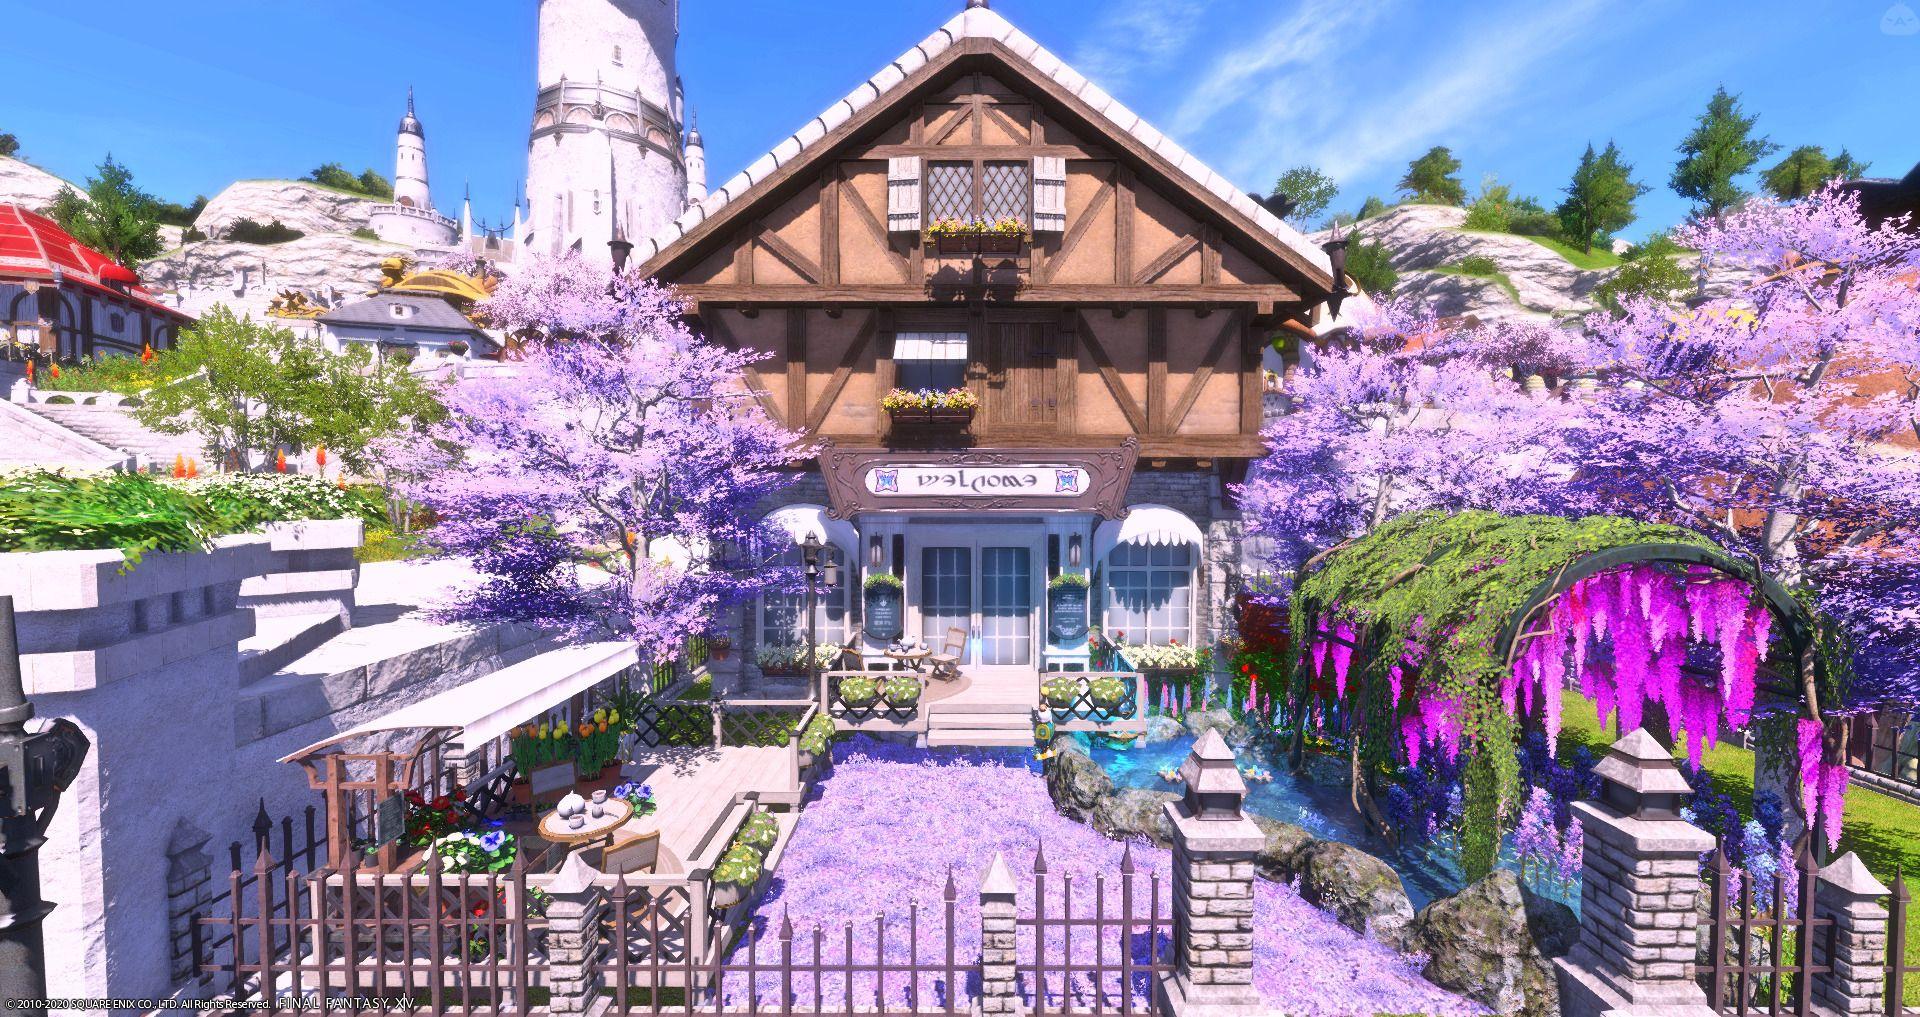 みうてんハウスのお庭たち In 2020 Small House House Styles